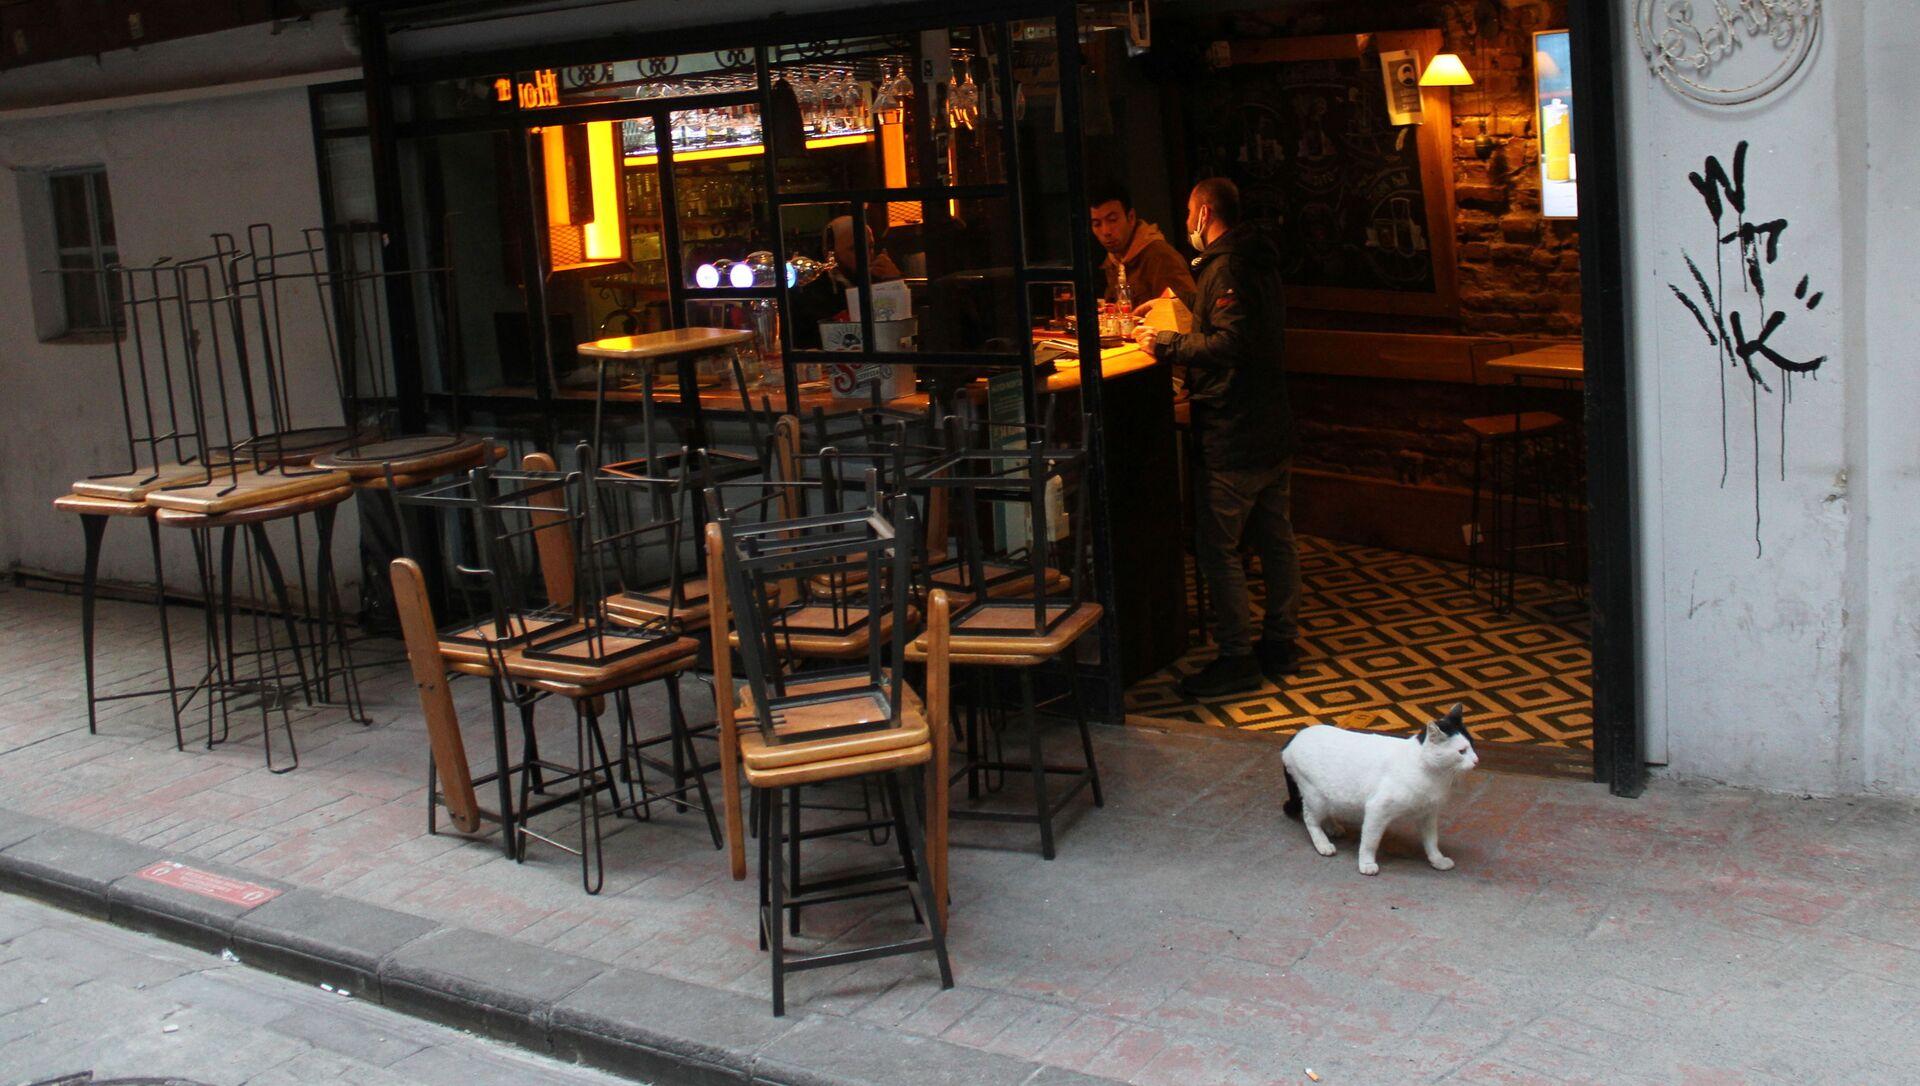 Работа кафе в Стамбуле в условиях пандемии - Sputnik Беларусь, 1920, 13.04.2021